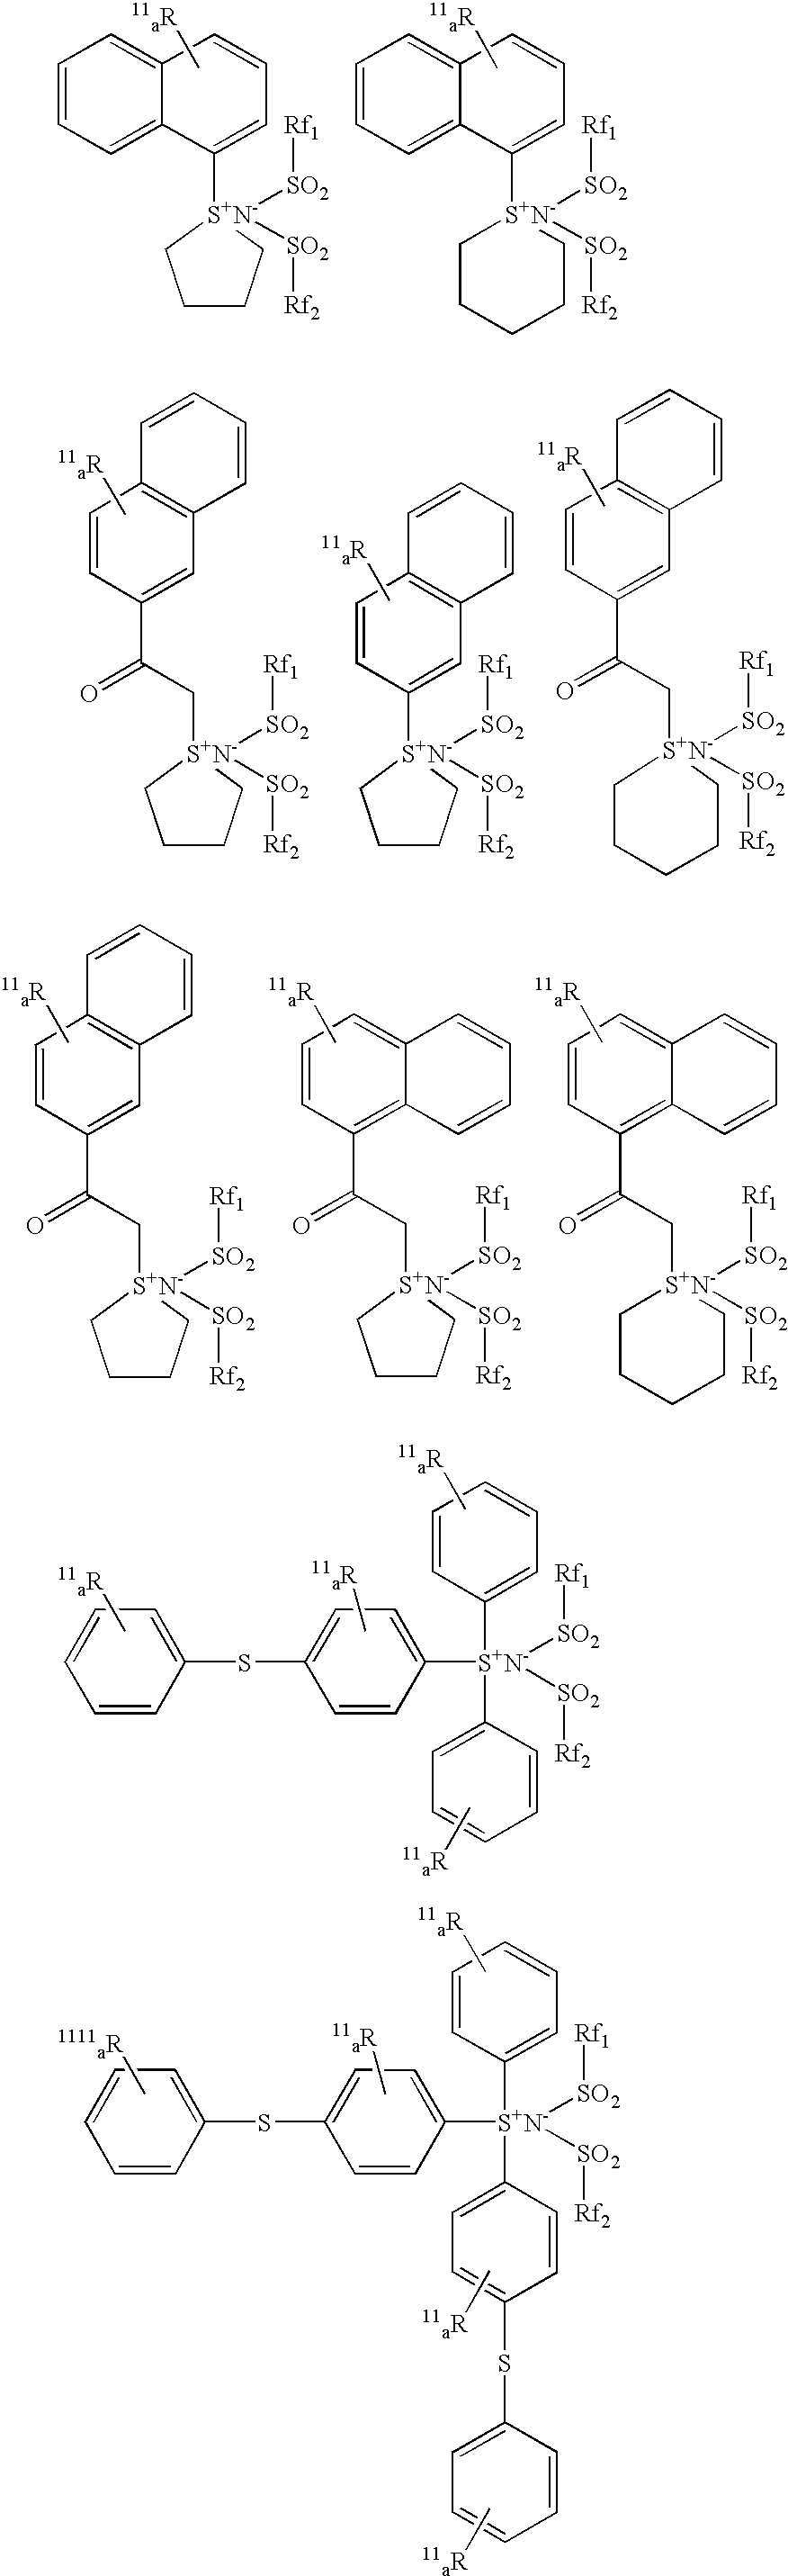 Figure US20030207201A1-20031106-C00016